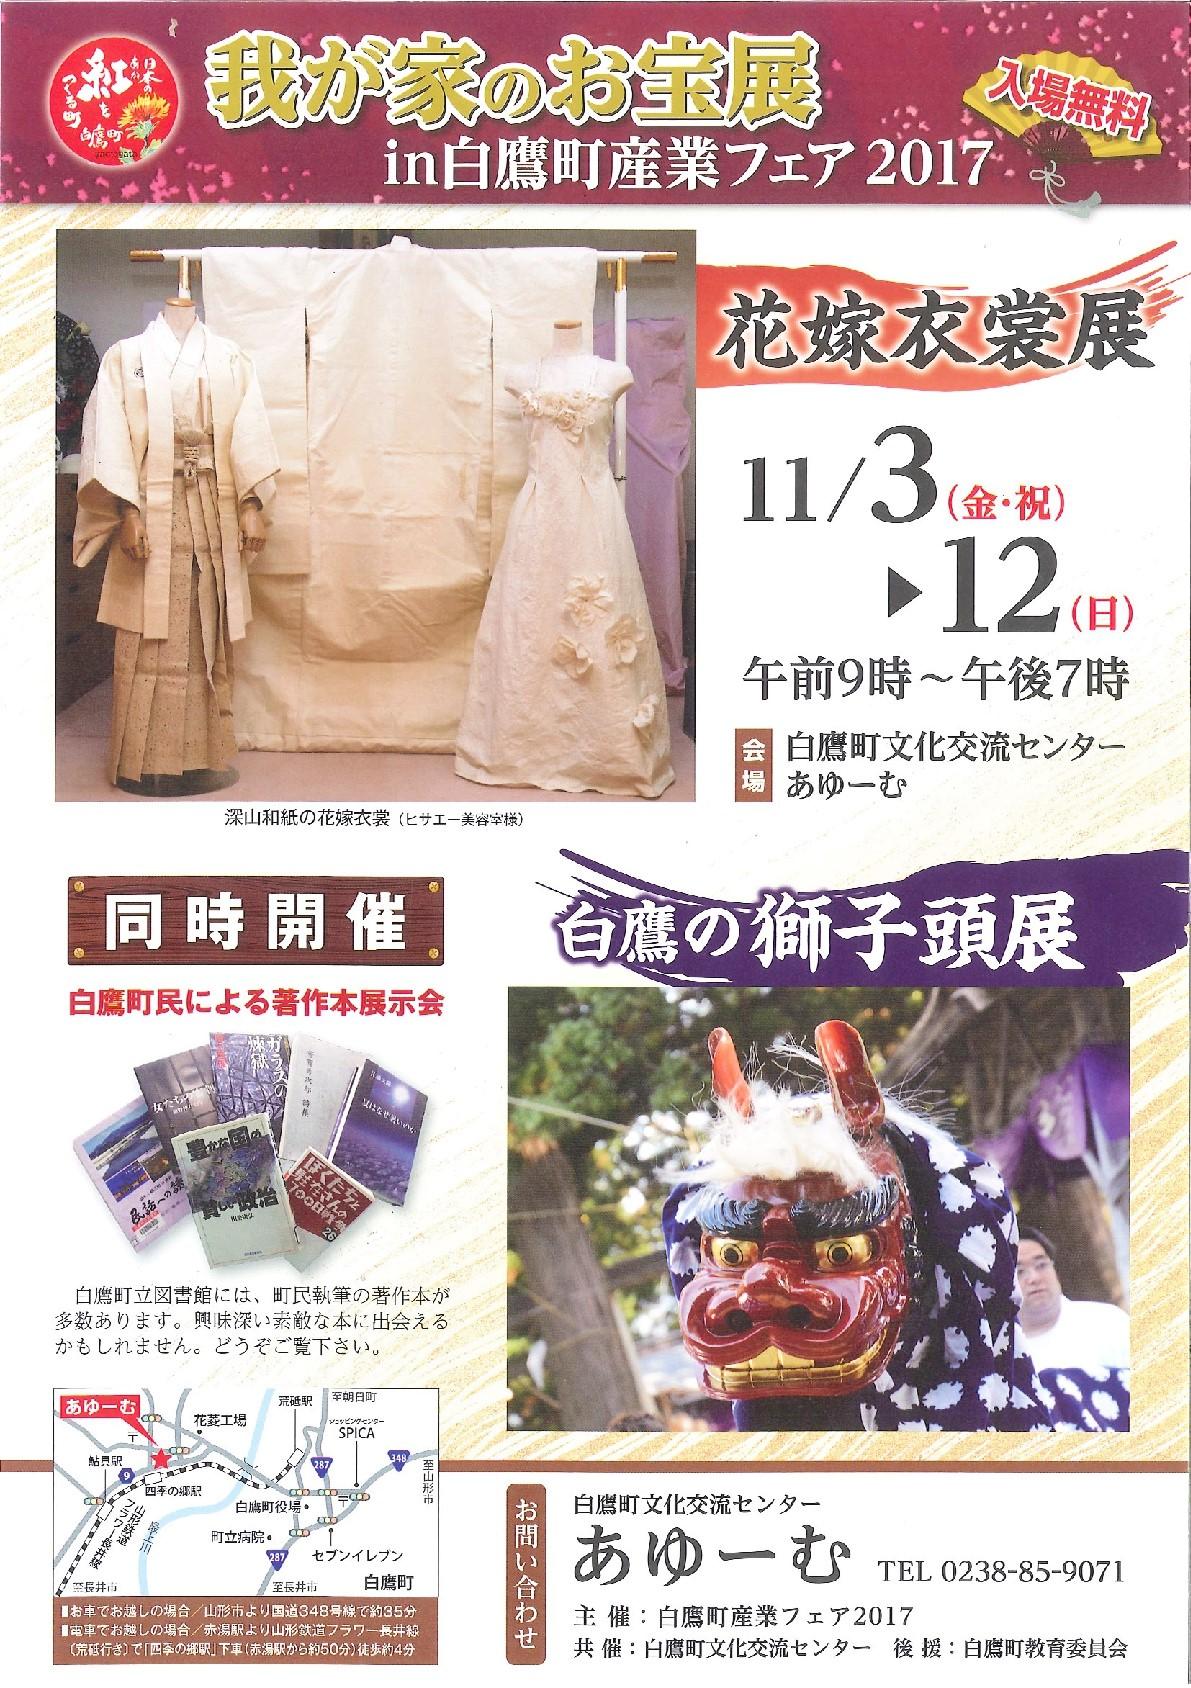 「我が家のお宝展in白鷹町産業フェア2017」:画像